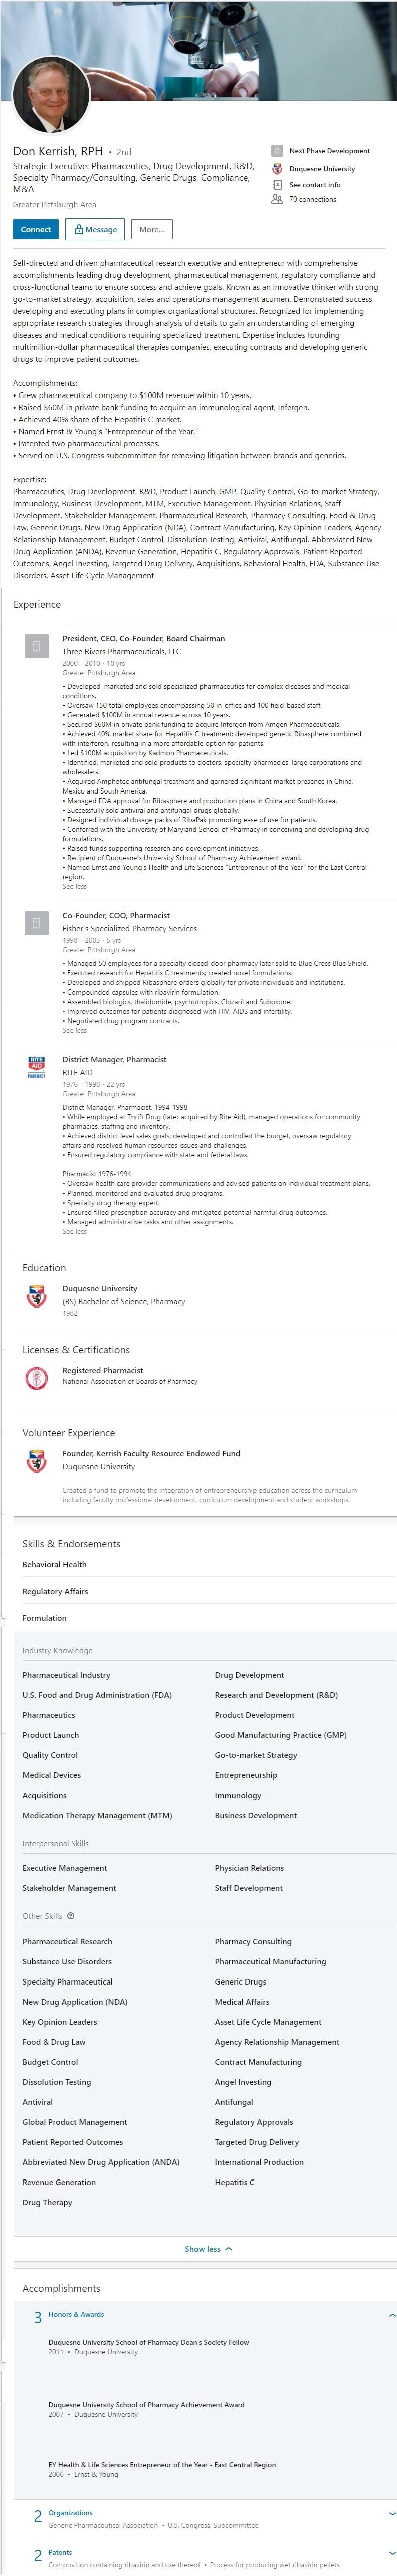 Sample Linkedin Profile Example Pharmacist 2453